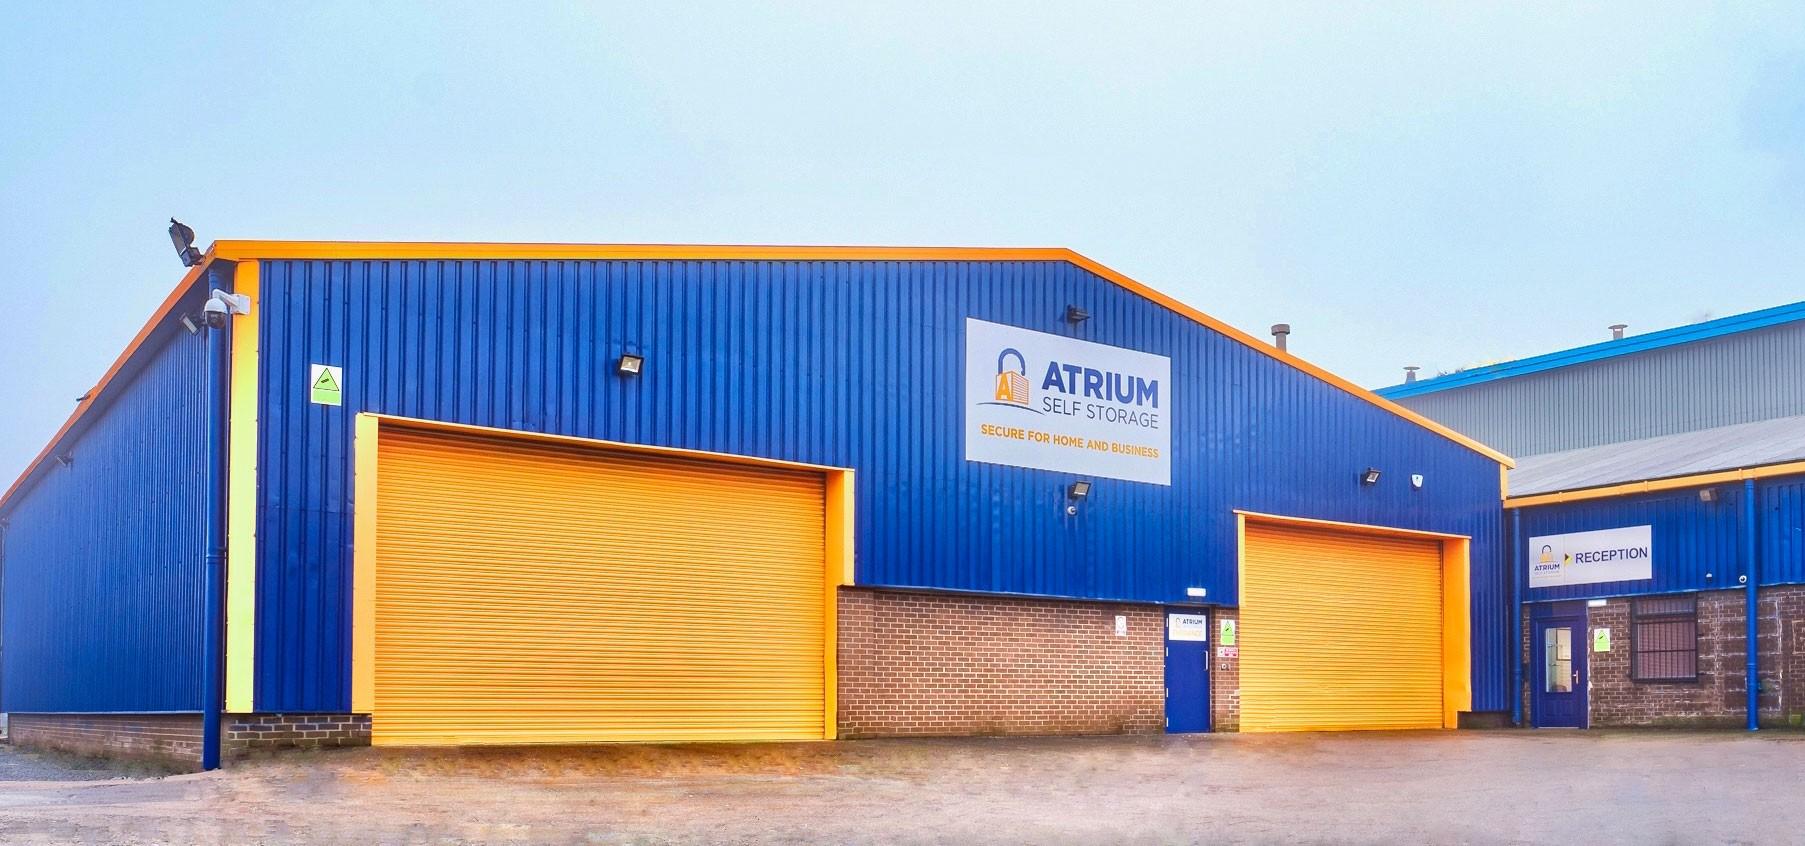 Atrium Storage Outside